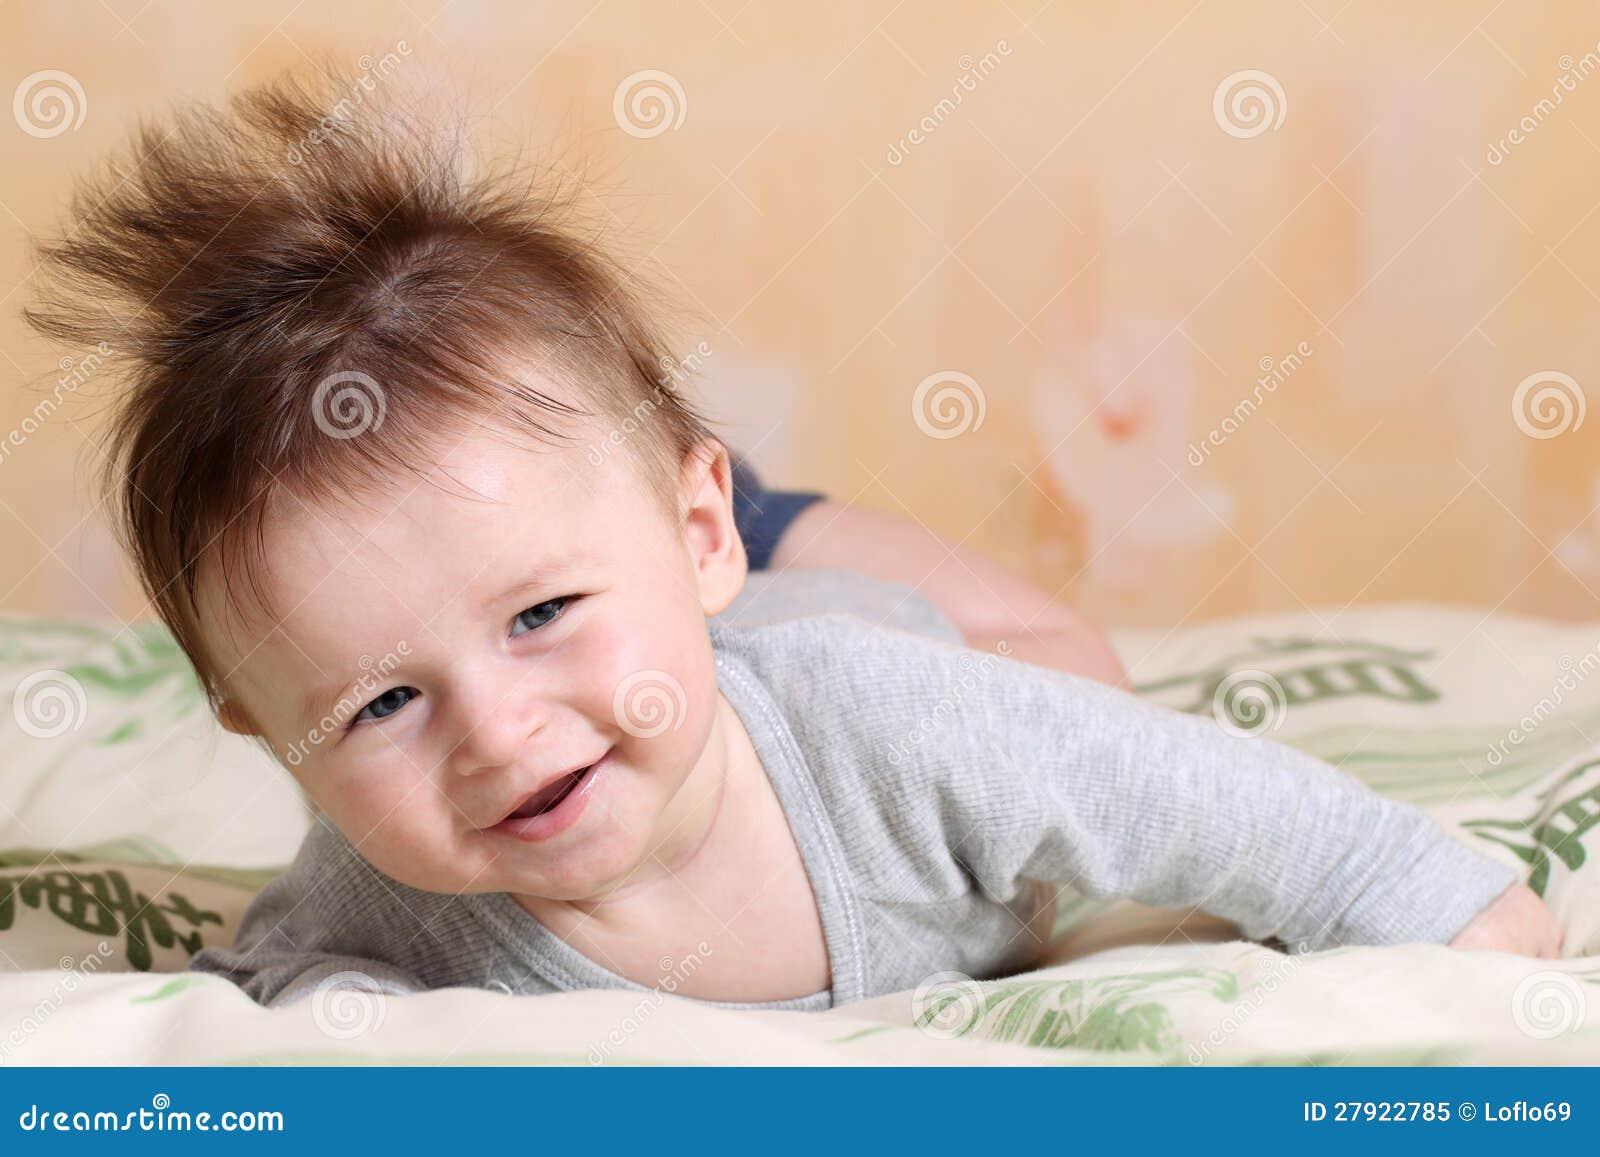 Het kapsel van mohawk voor baby royalty vrije stock foto afbeelding 27922785 - Foto baby jongen ...